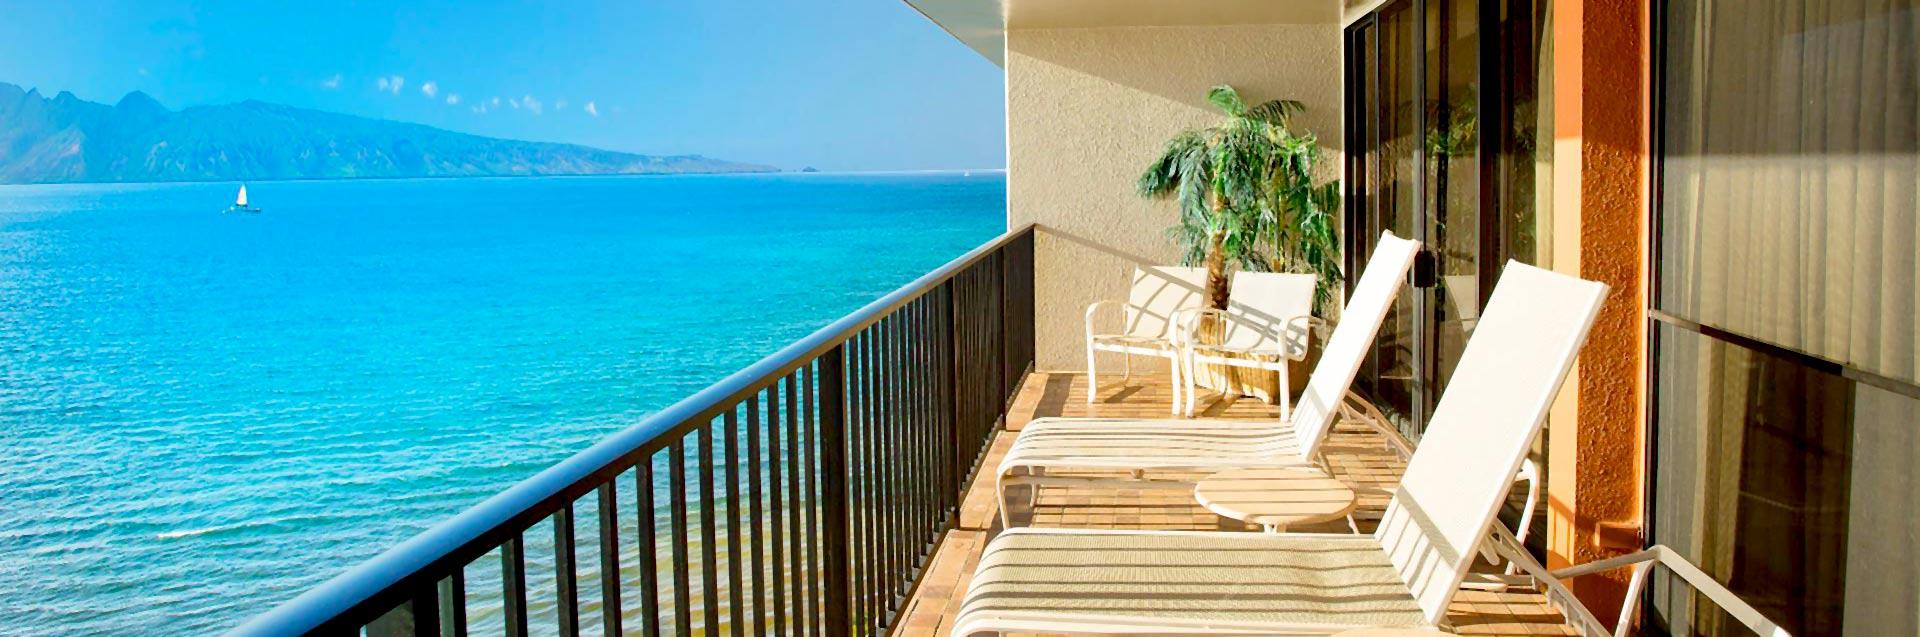 Aston Waikoloa Colony Villas Kamaaina Rates